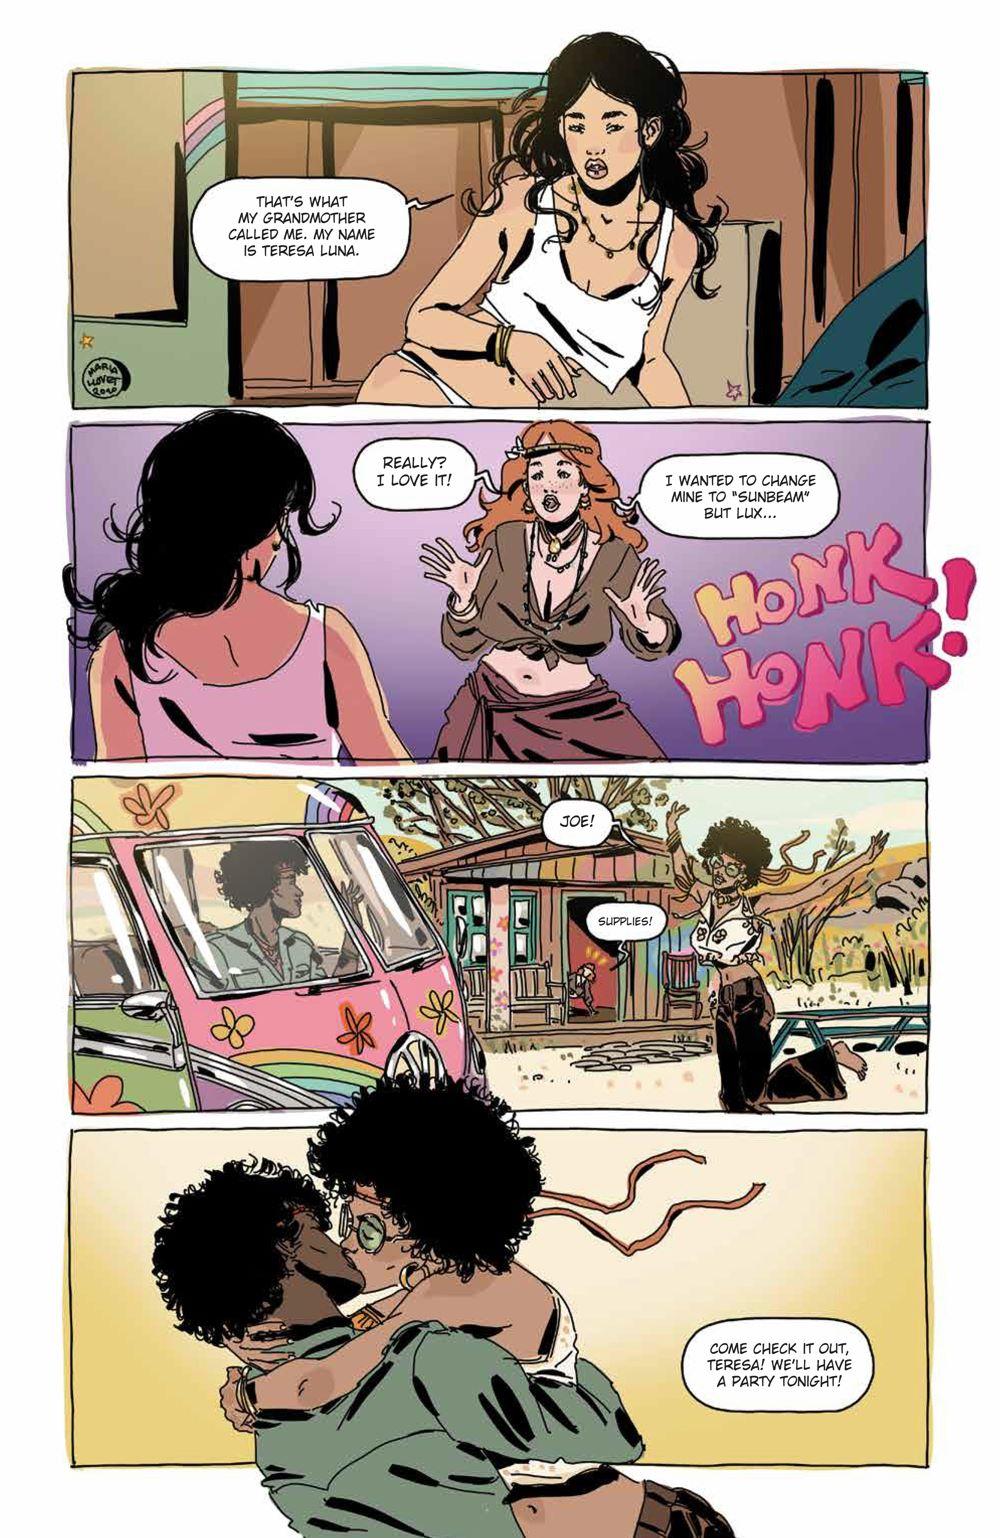 Luna_002_PRESS_7 ComicList Previews: LUNA #2 (OF 5)